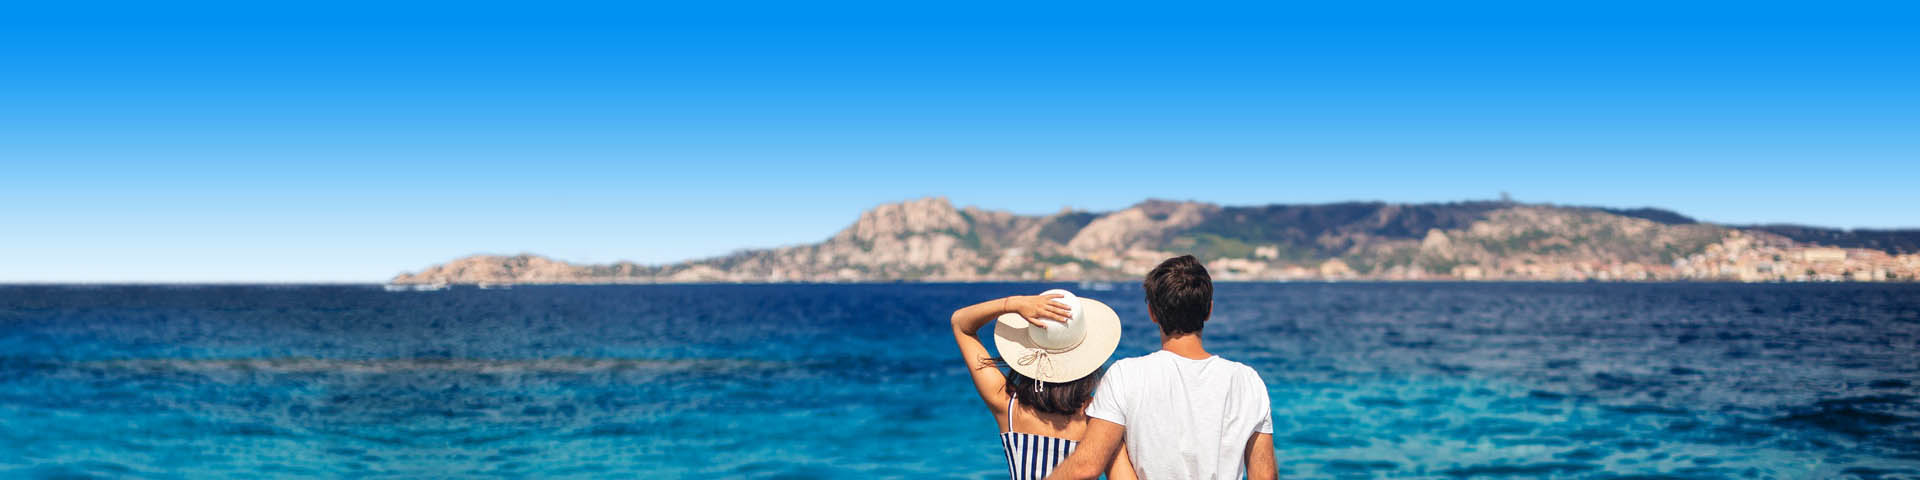 Koppel op een warme vakantiebestemming tijdens valentijnsdag